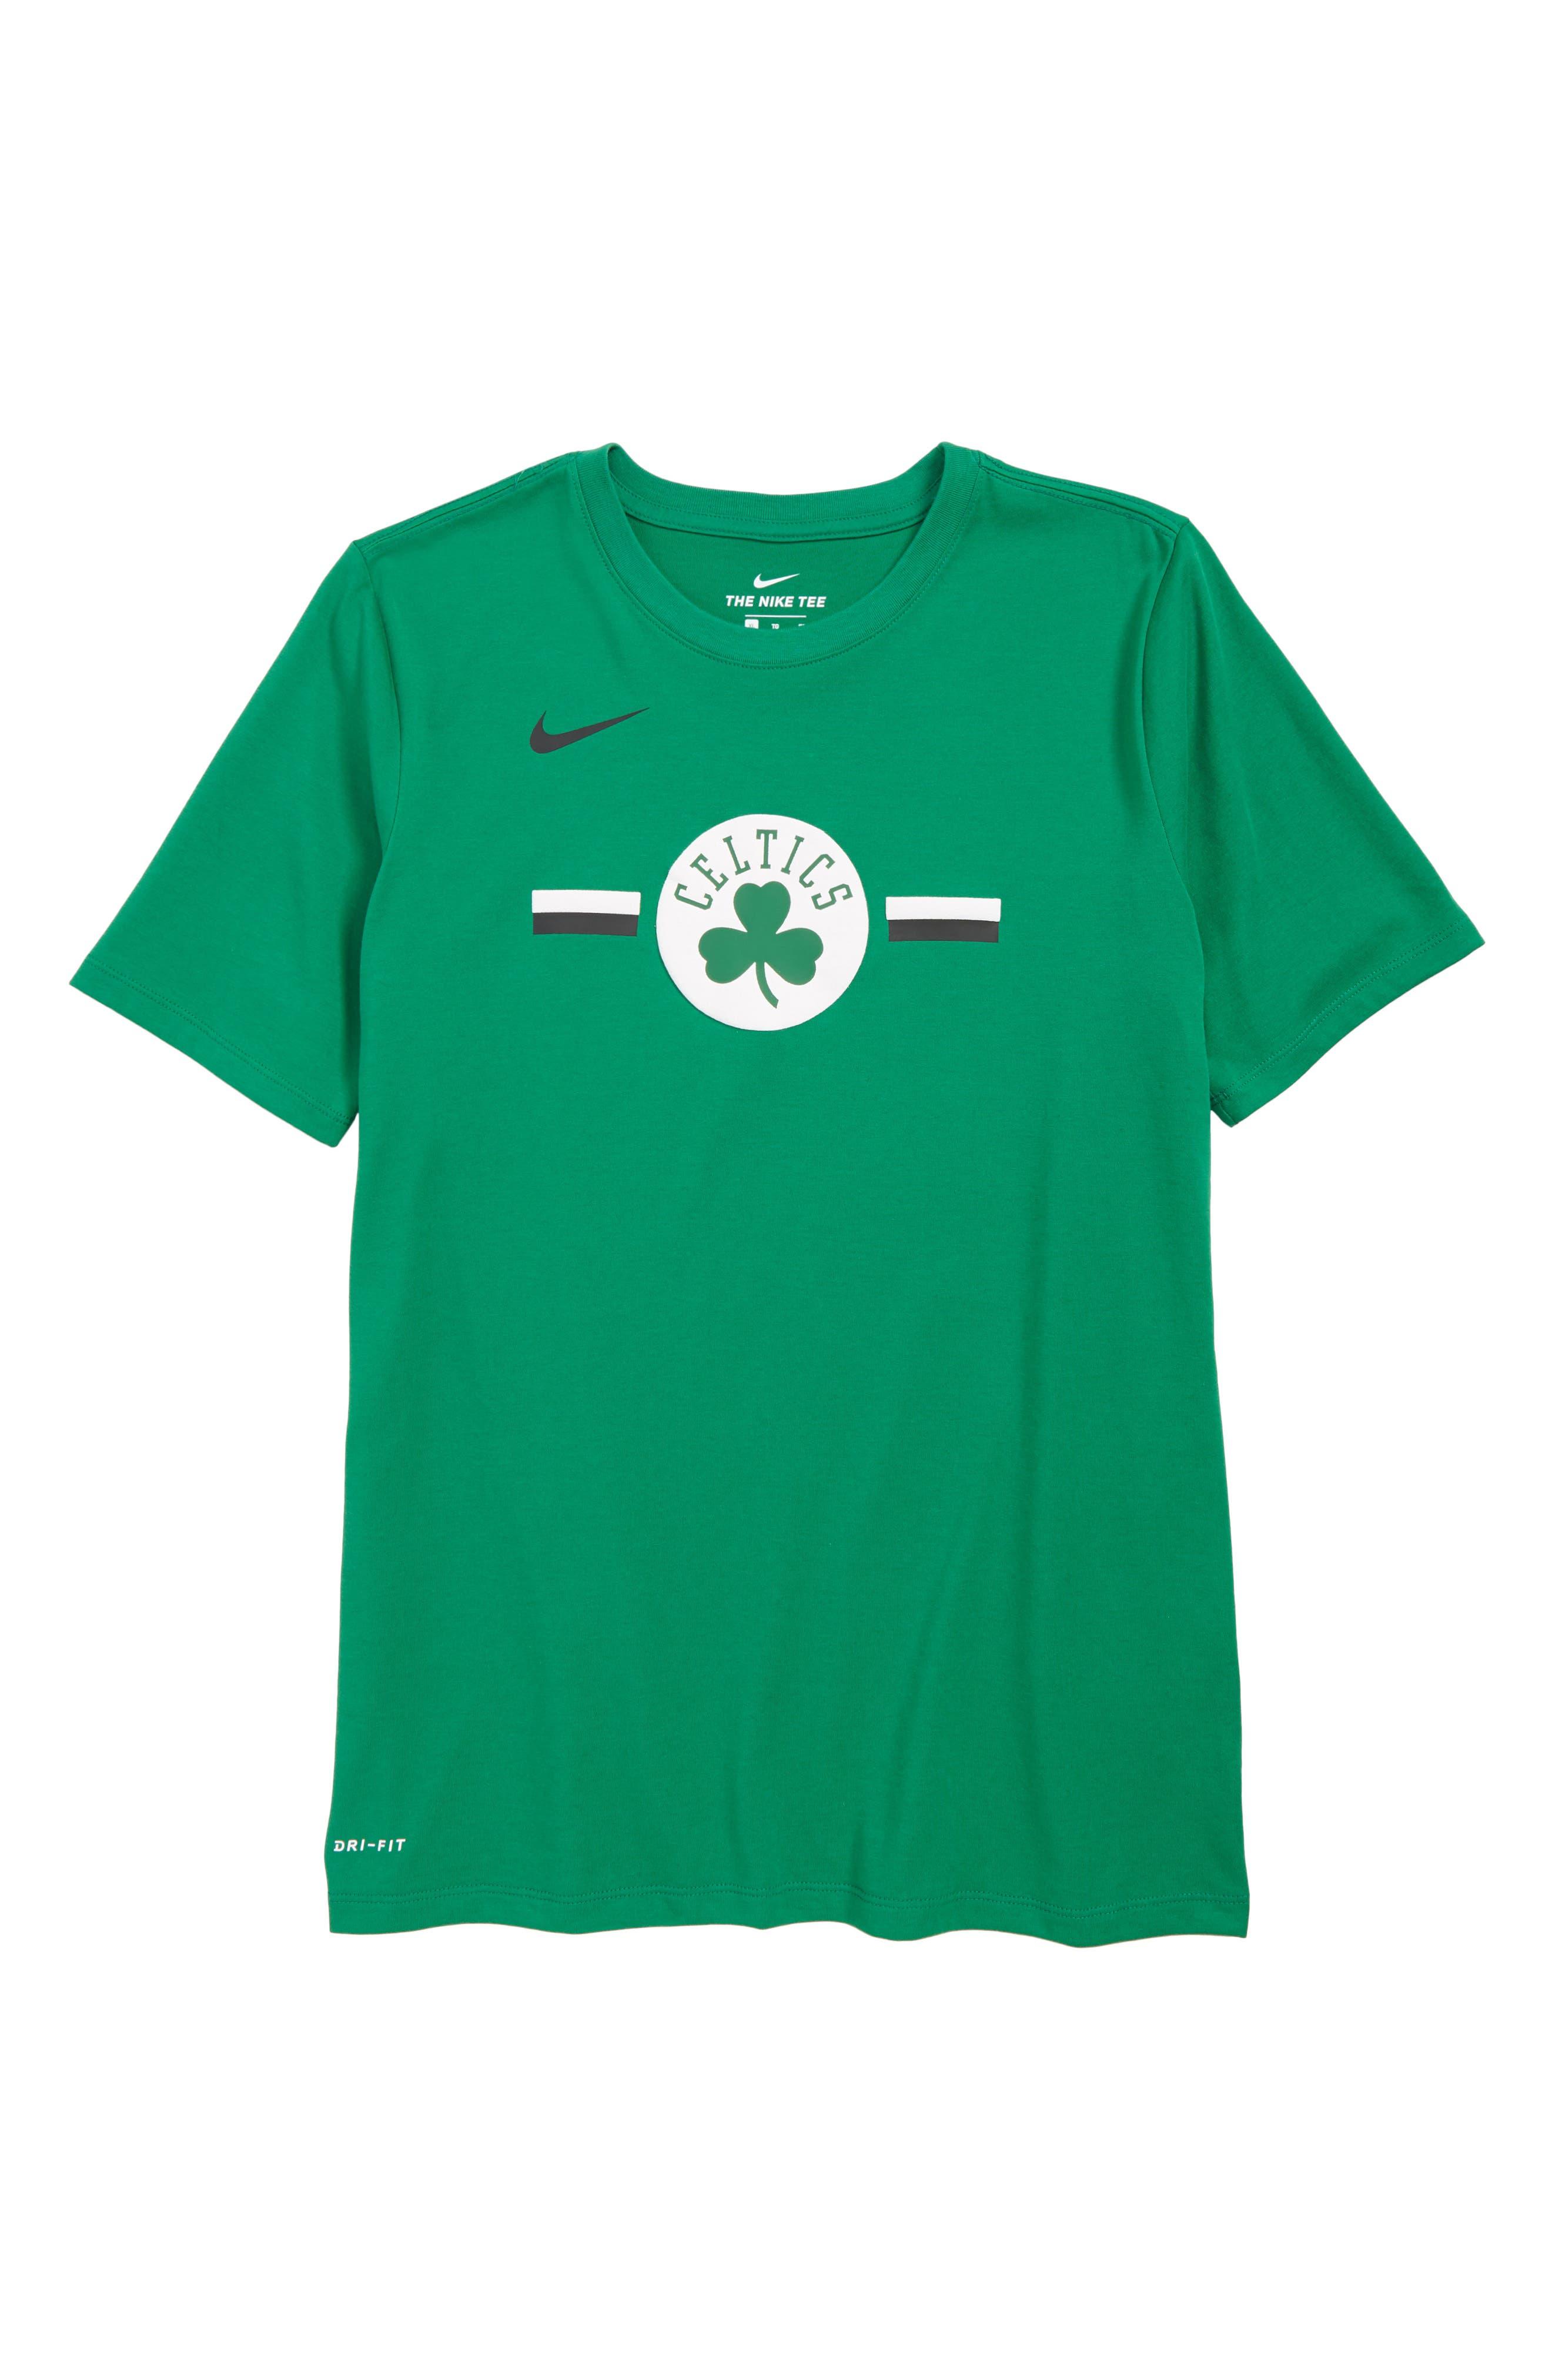 Boston Celtics Dri-FIT T-Shirt,                             Main thumbnail 1, color,                             CLOVER